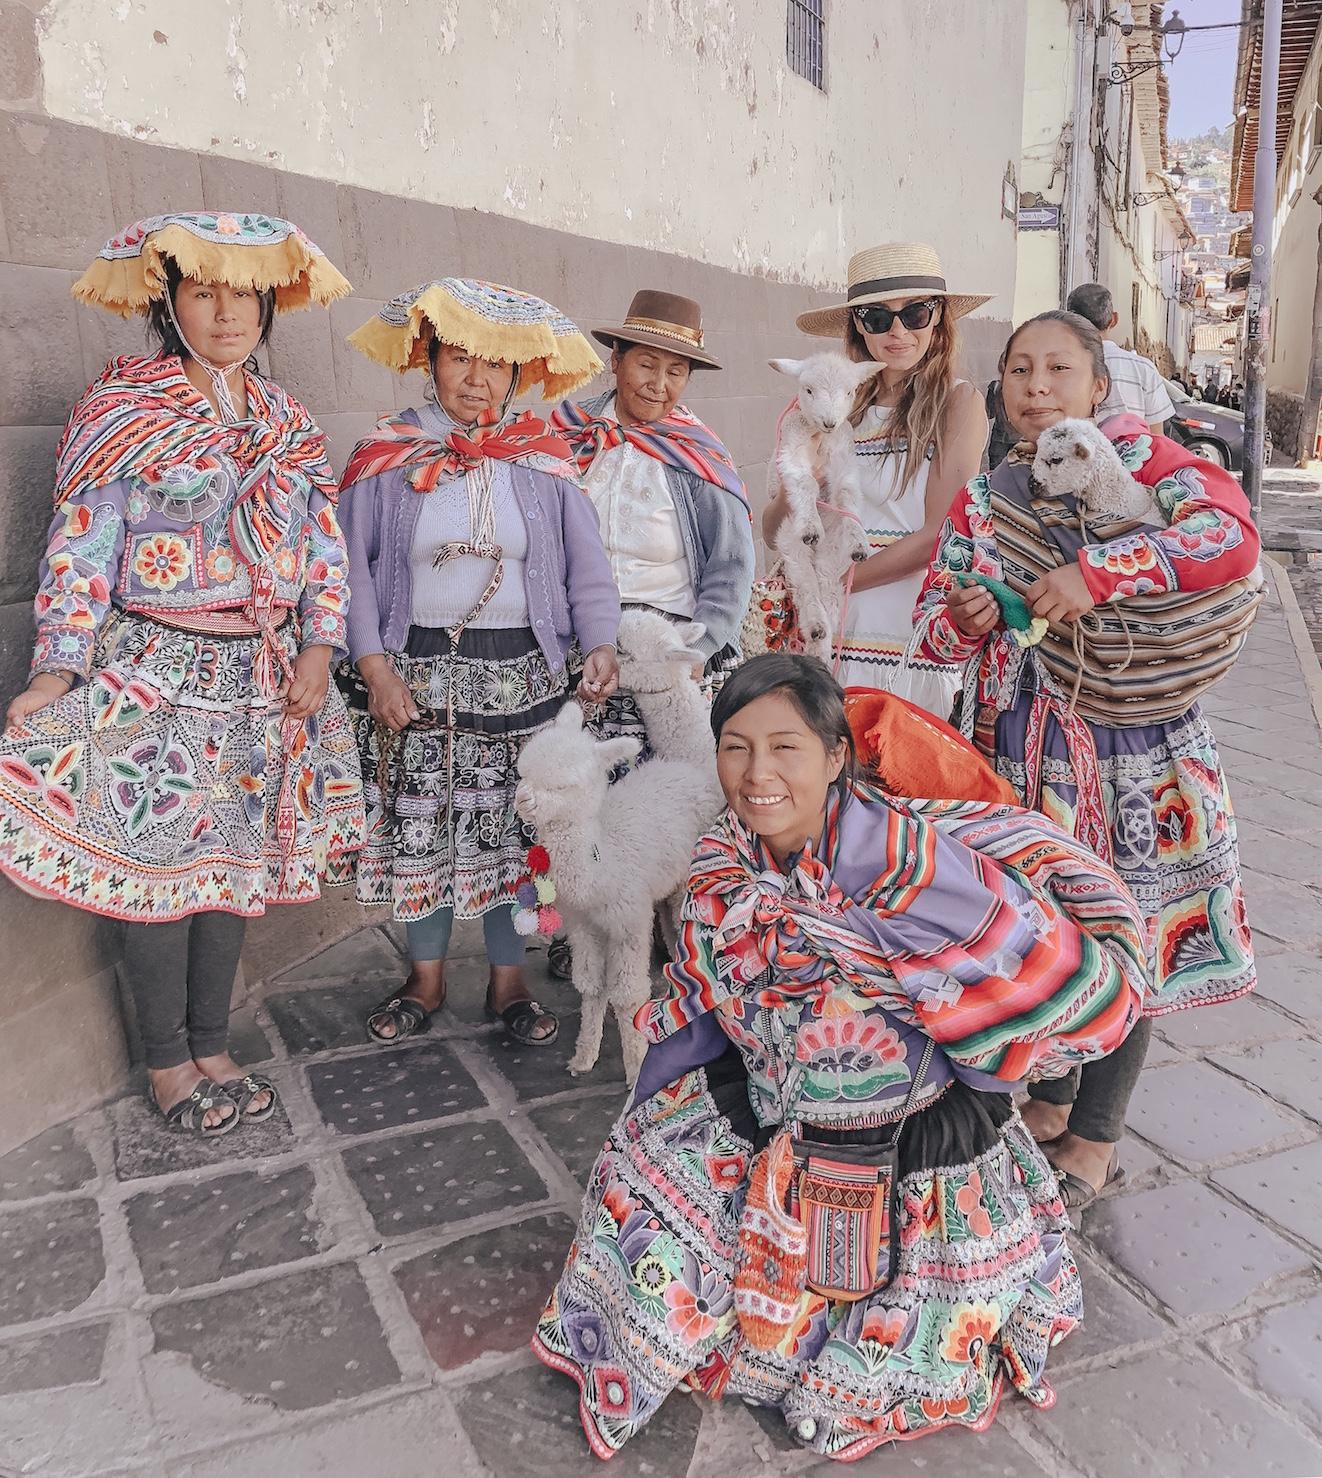 Cuzo travel guide - Peru